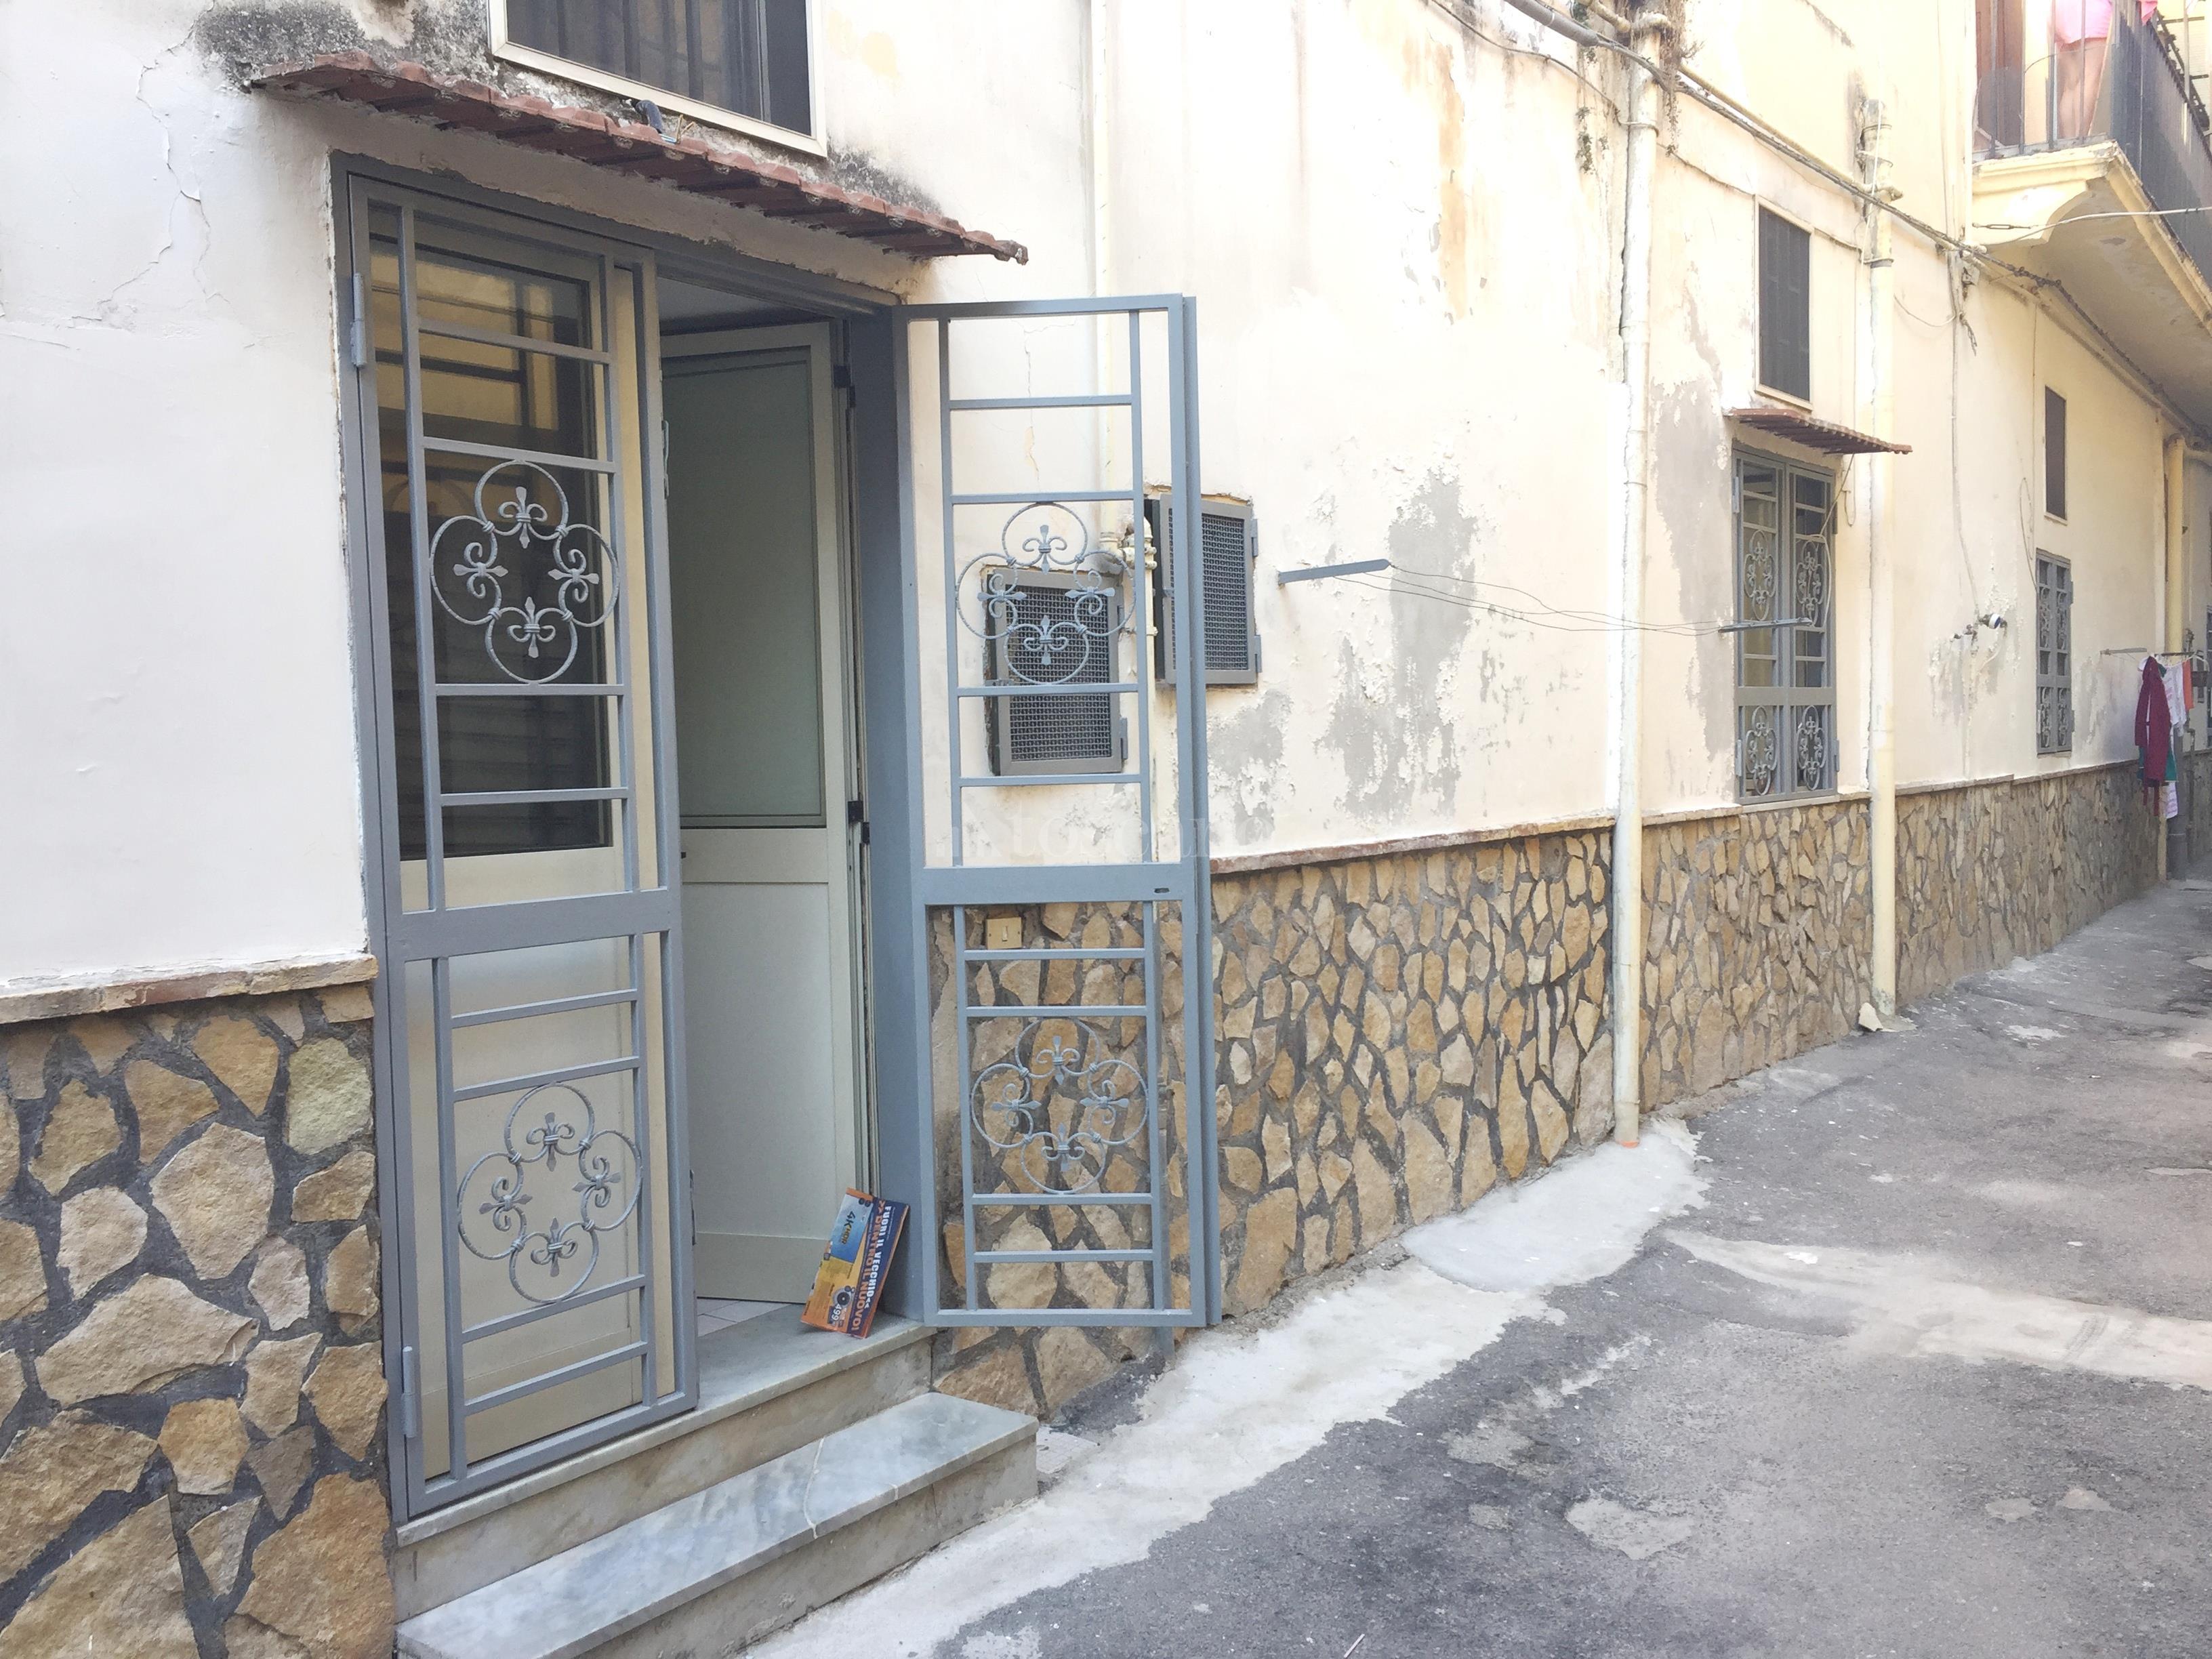 affitto casa a scafati in corso trieste cortile romano i 37/2017 ... - Arredo Bagno Scafati